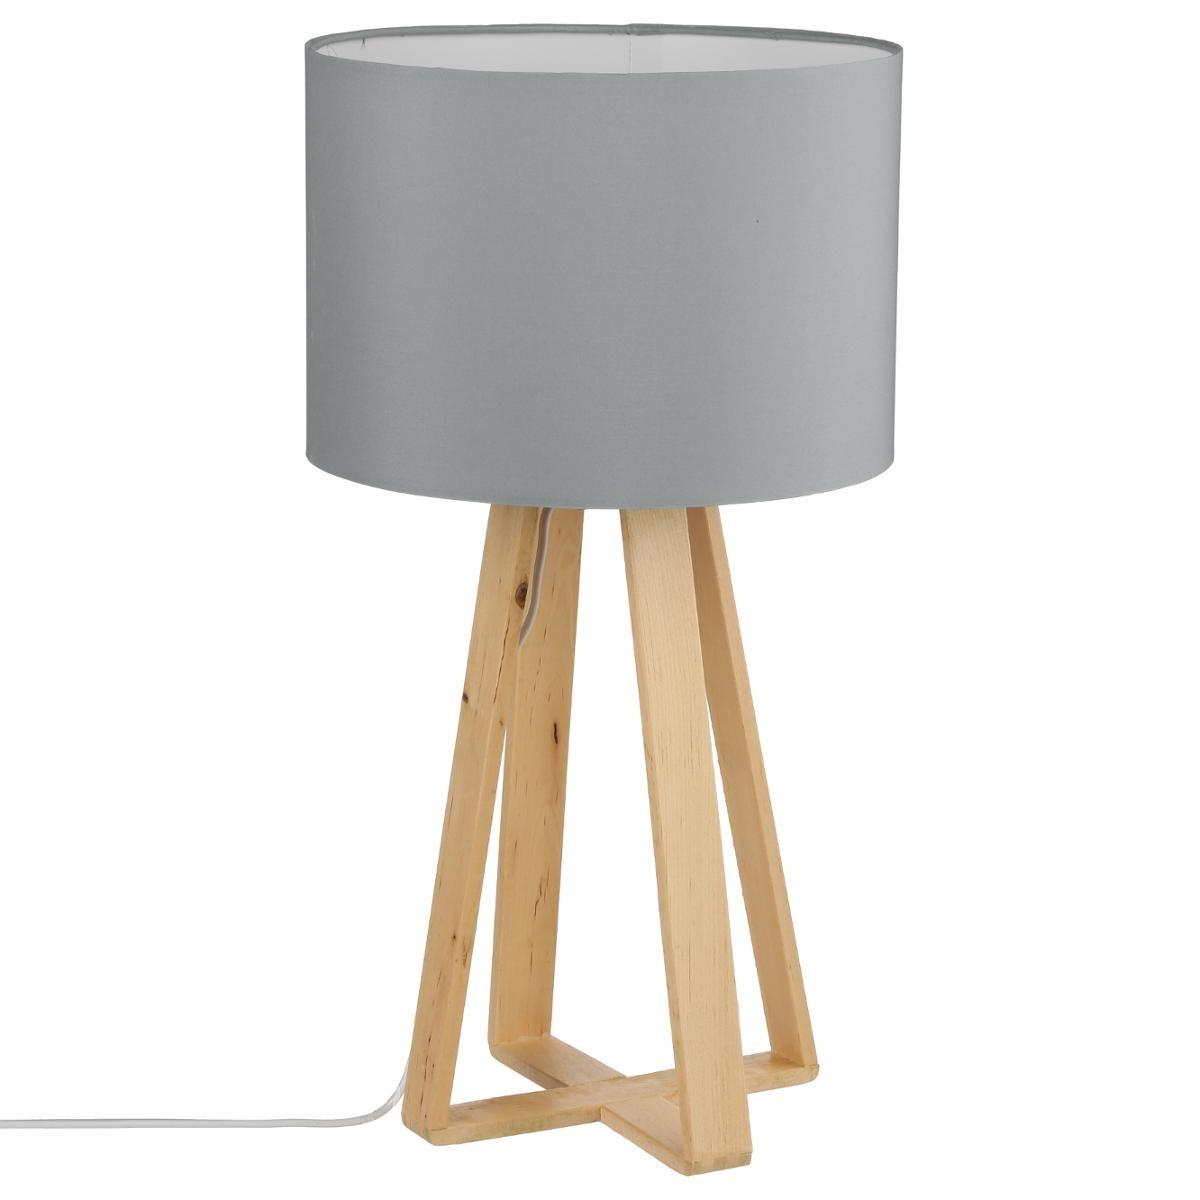 Bois Et Pieds Style Naturel Scandinave Lampe H47 Abat Jour 5cm Gris 354jARL